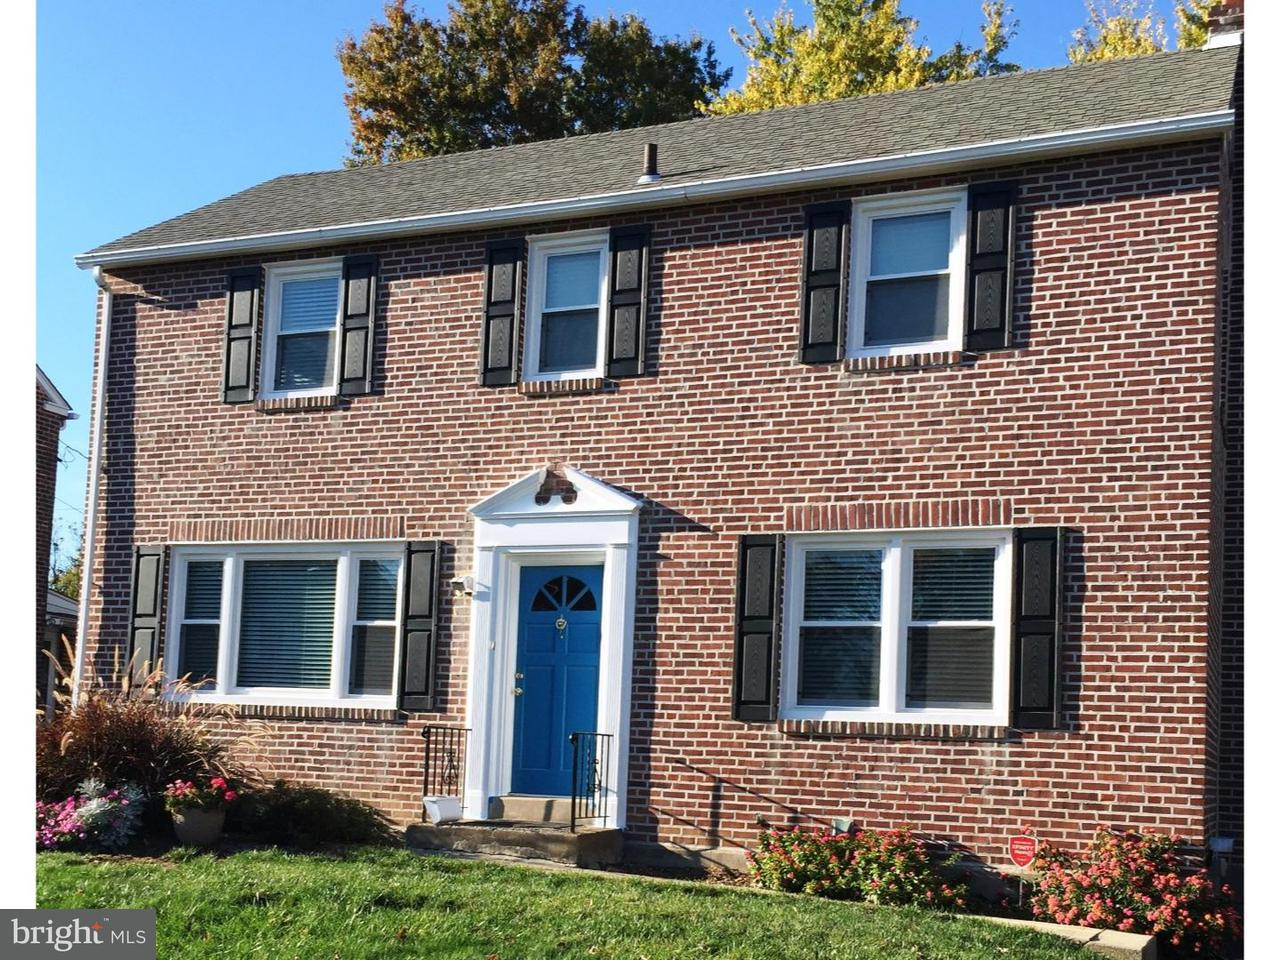 Частный односемейный дом для того Продажа на 429 LAUREL Avenue Aldan, Пенсильвания 19018 Соединенные Штаты